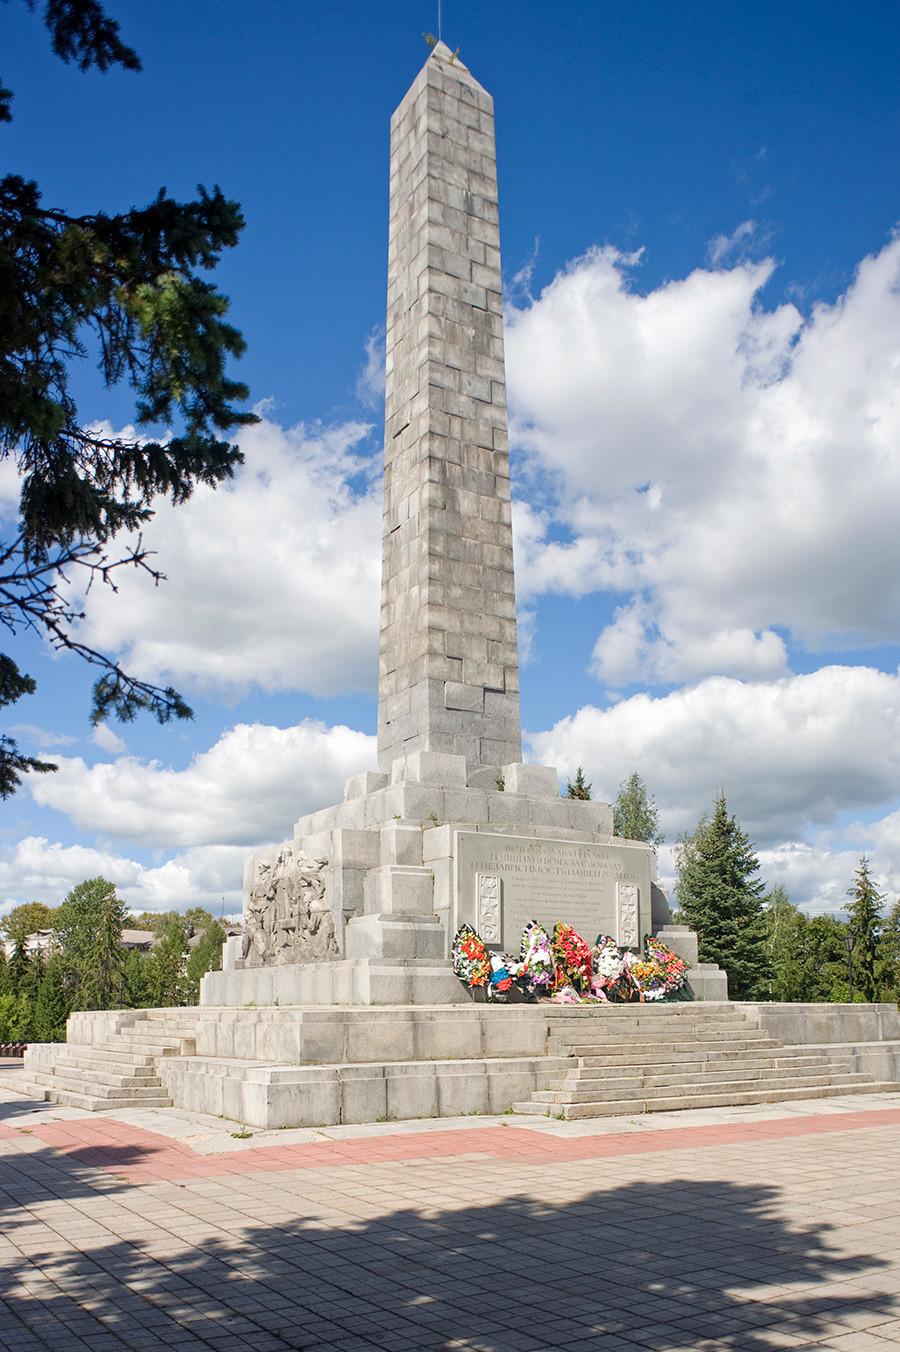 Obelisk osvoboditeljem Rževa na Katedralnem griču (mesto uničene Uspenske katedrale). 13. avgust 2016.